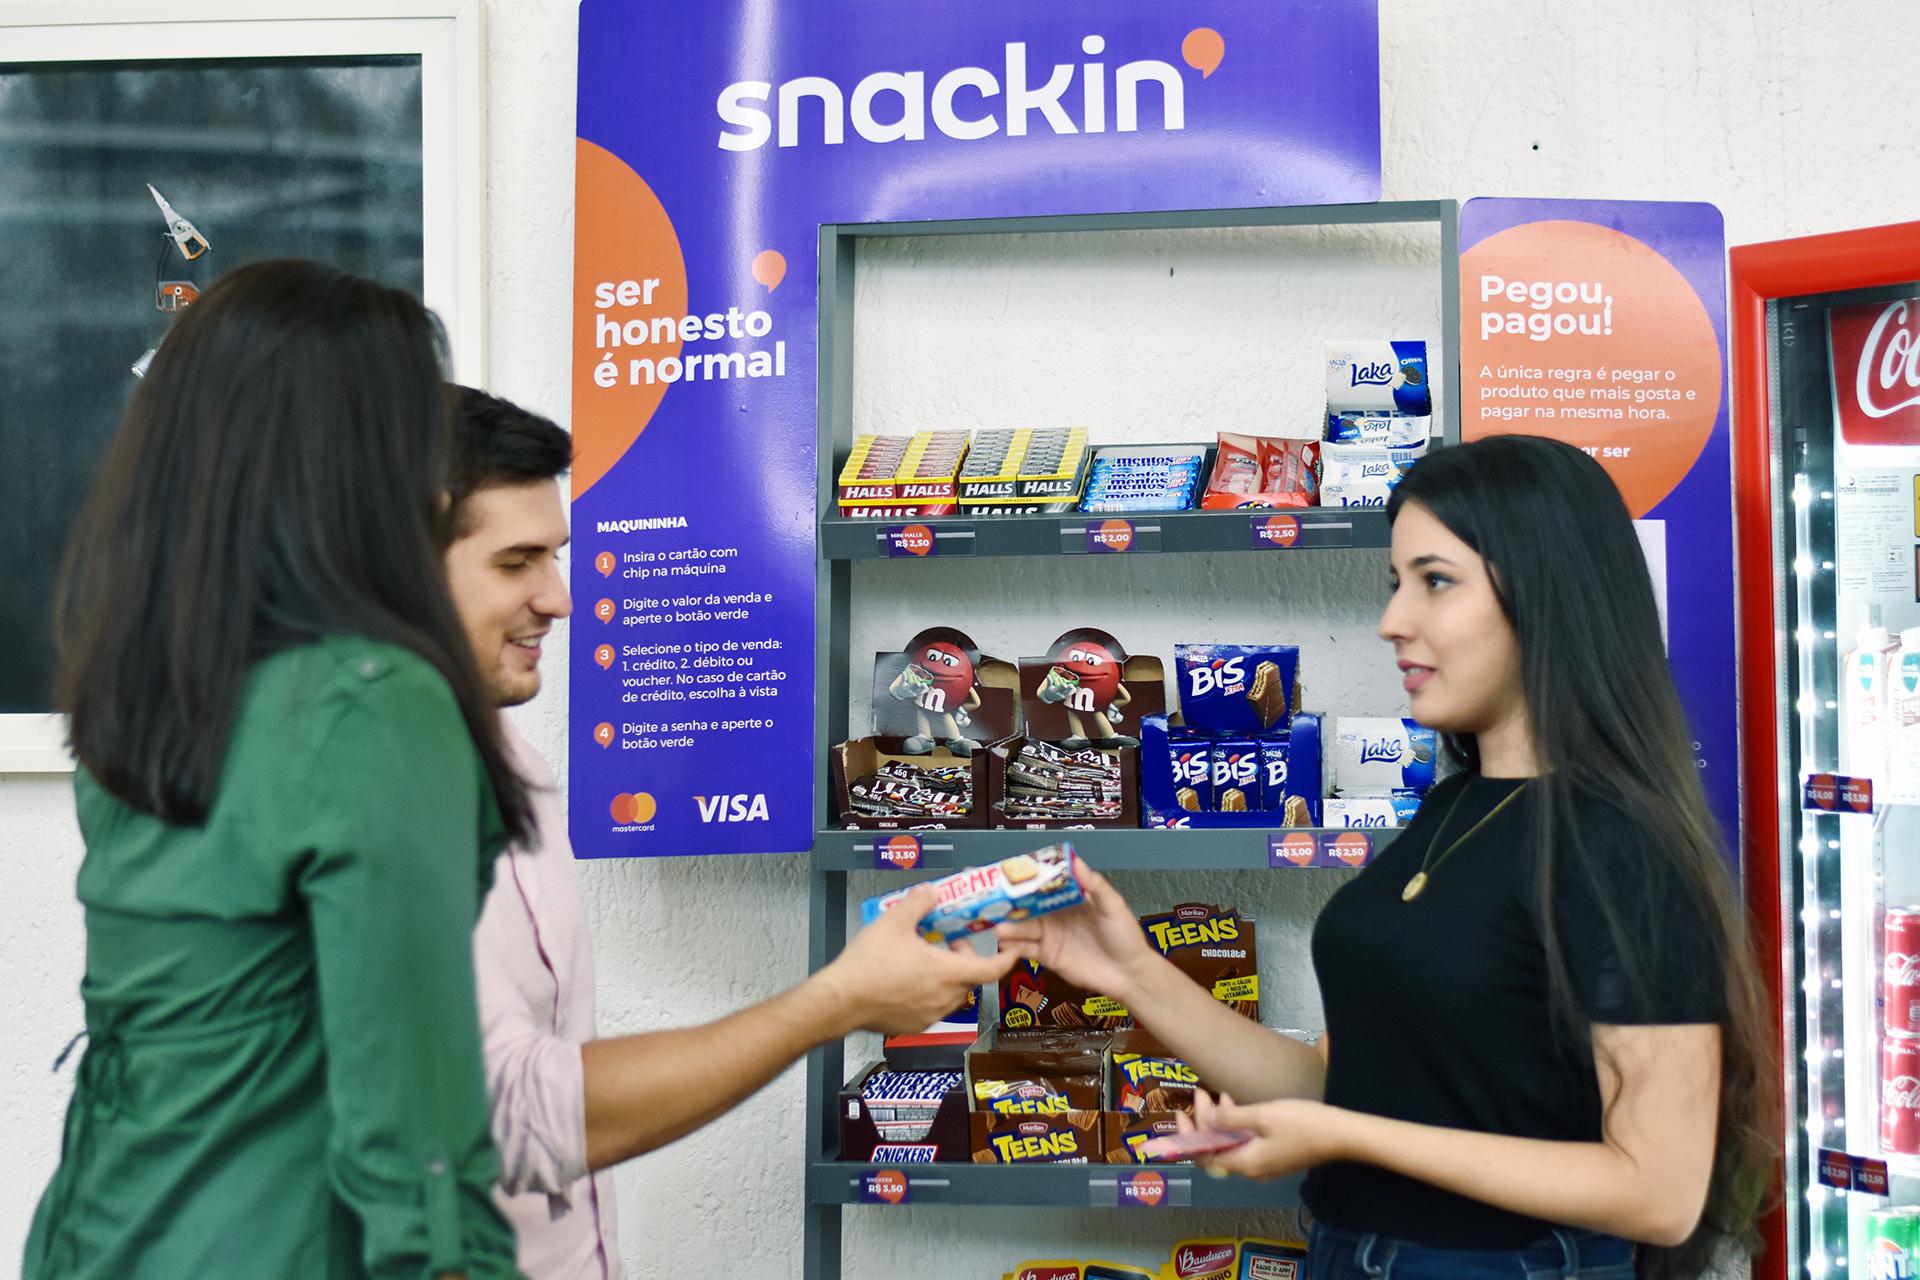 A Snackin' - minimercados de autosserviço instalados em ambientes corporativos - tem como objetivo disseminar a cultura da honestidade.